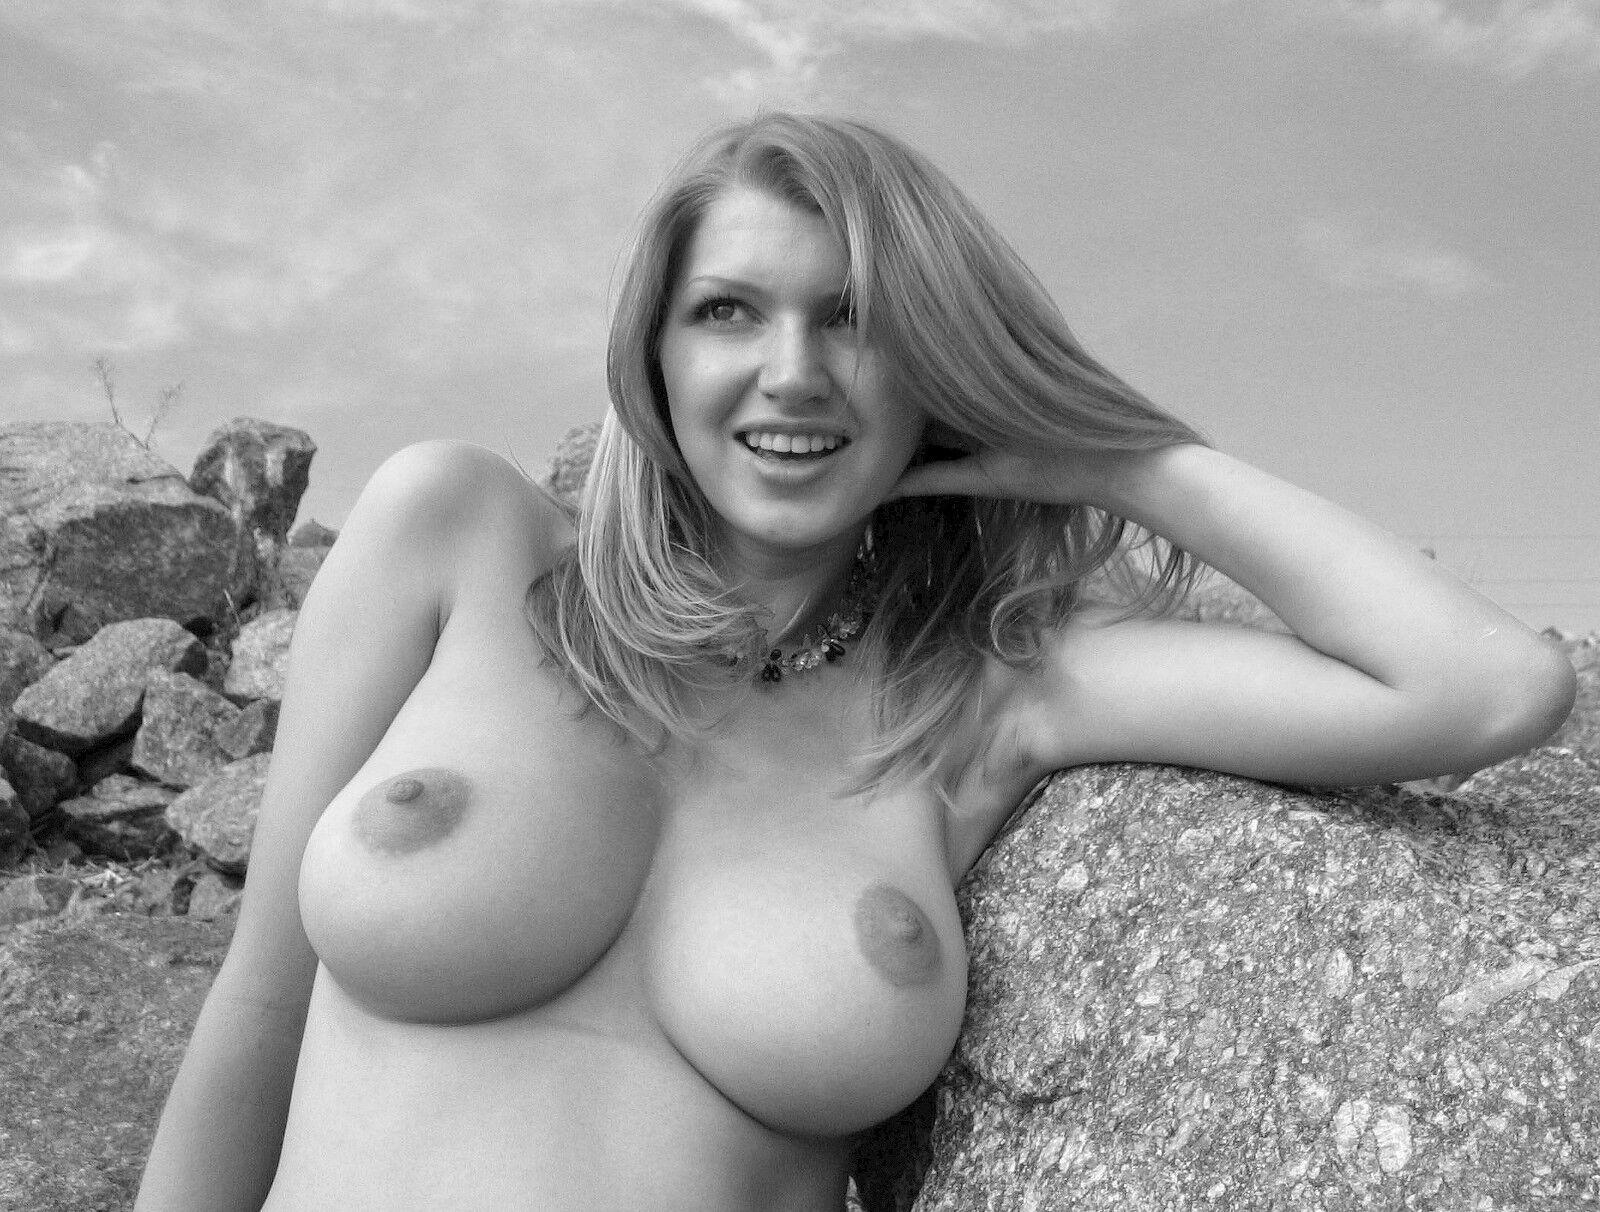 такие голые женщины с бол сиськами интересно